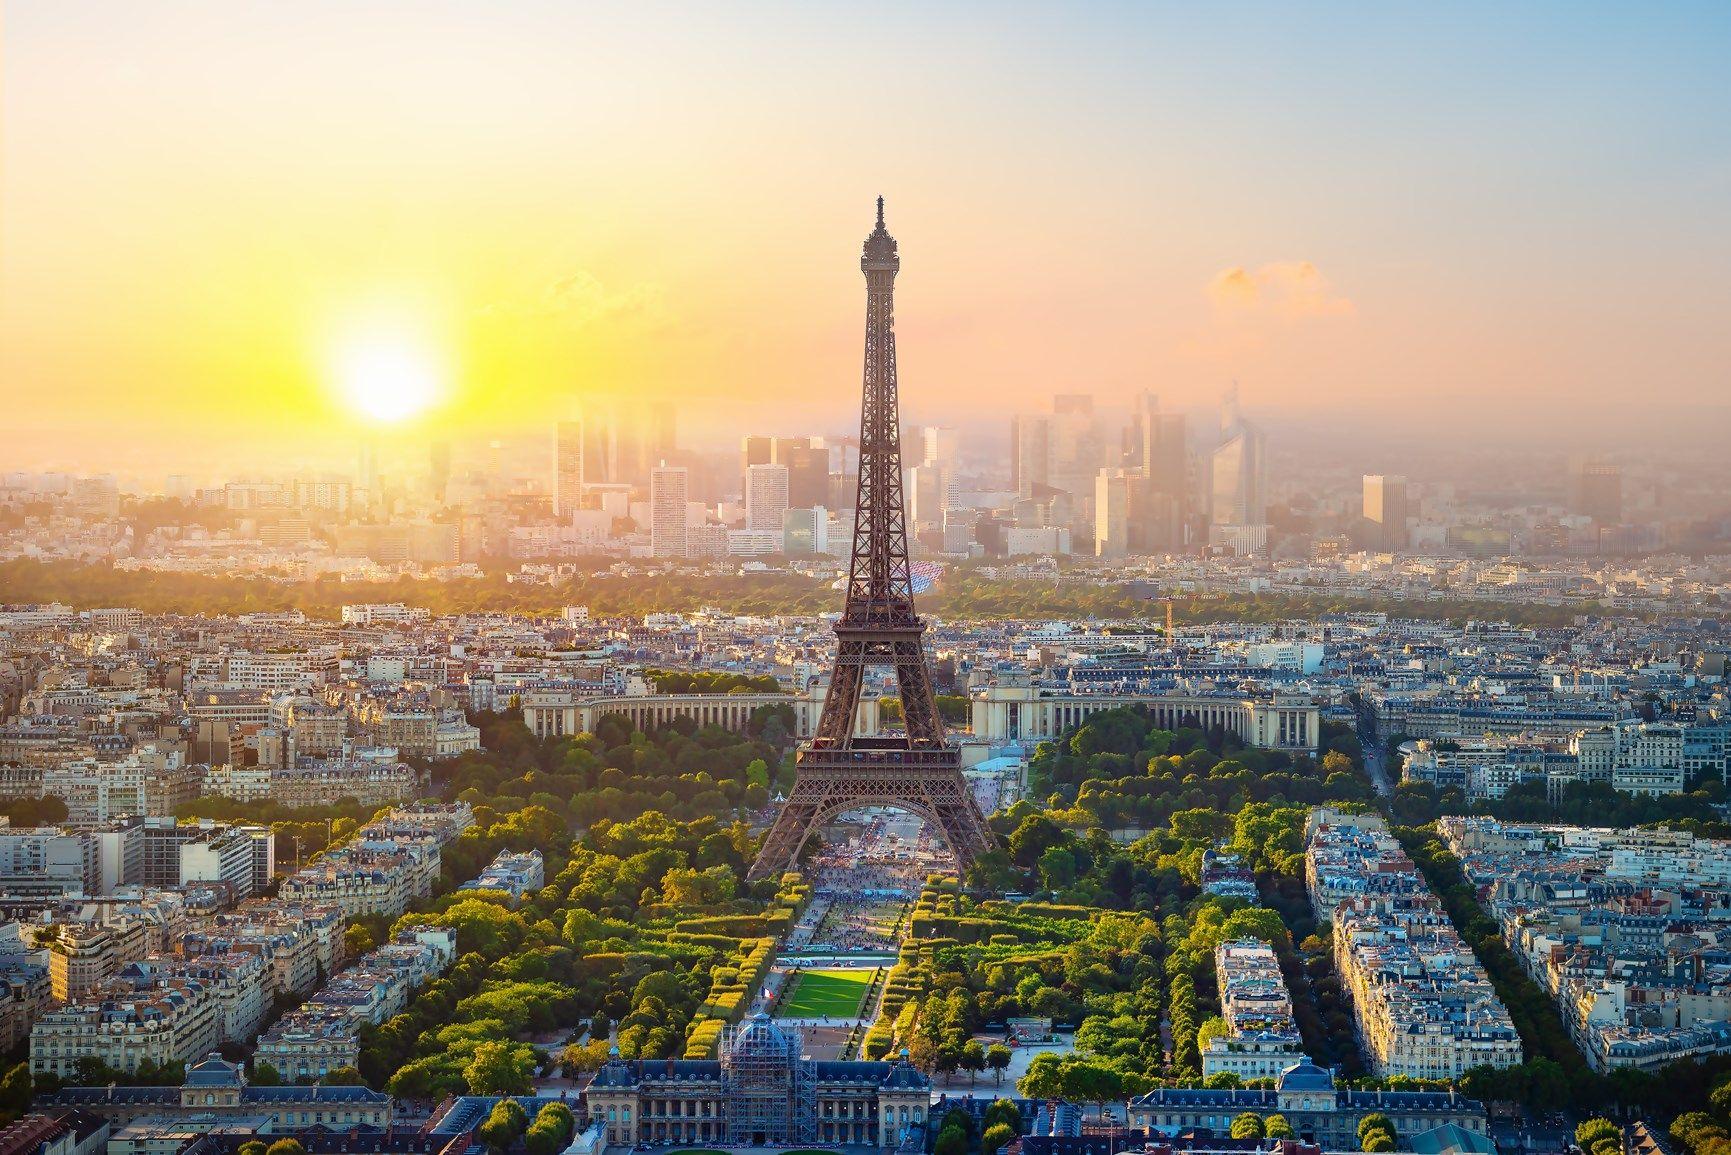 ROCKWOOL annuncia ambiziosi obiettivi globali di decarbonizzazione